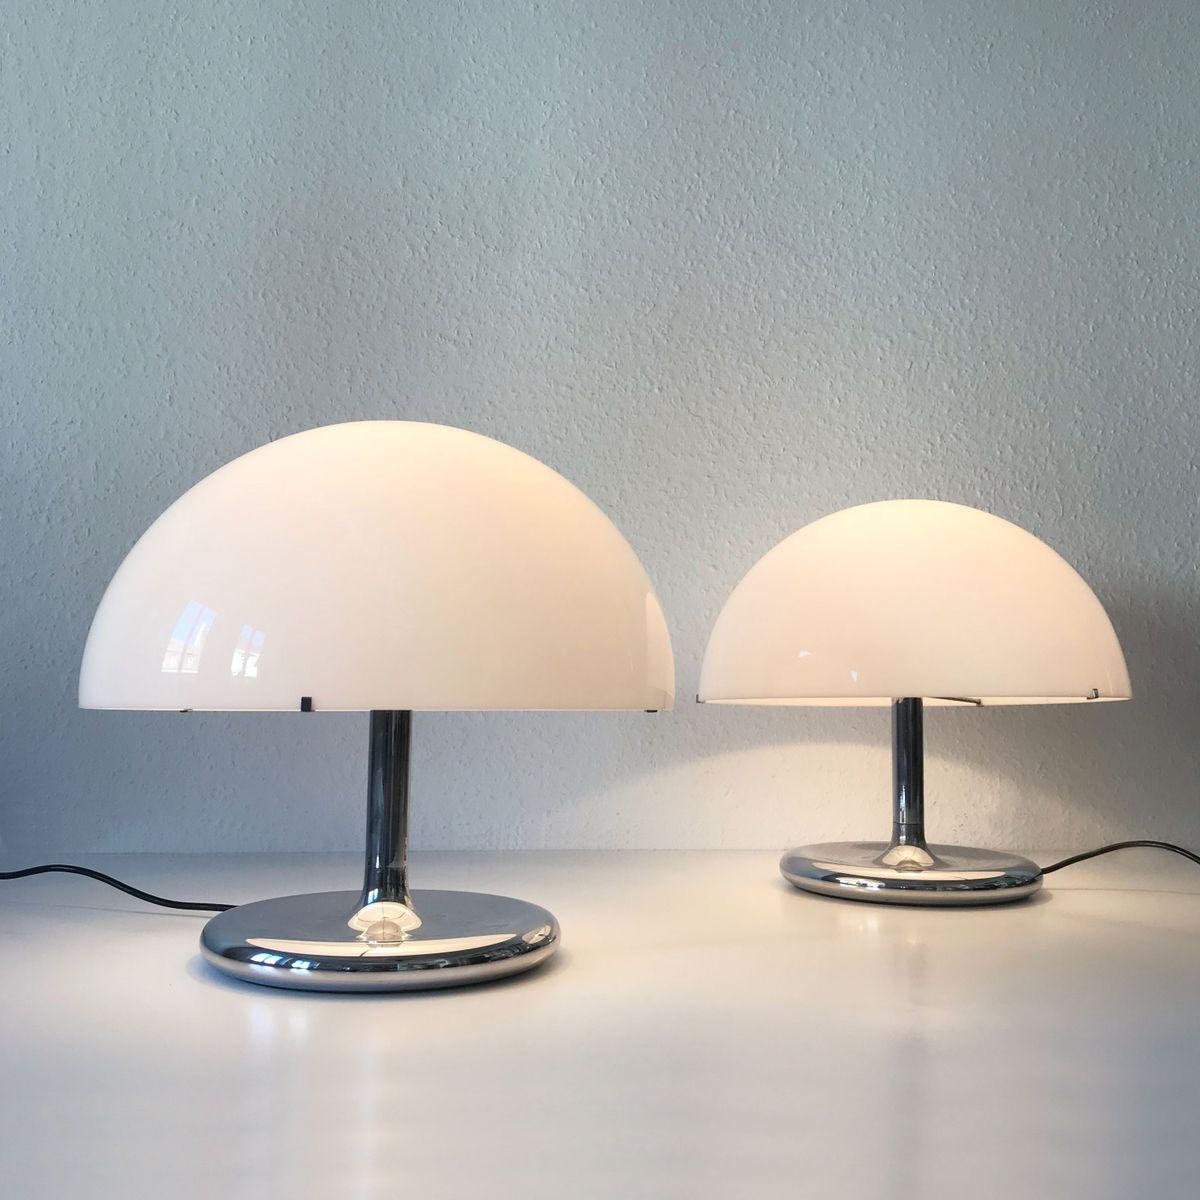 moderne mid century lampen 1970er 2er set bei pamono kaufen. Black Bedroom Furniture Sets. Home Design Ideas